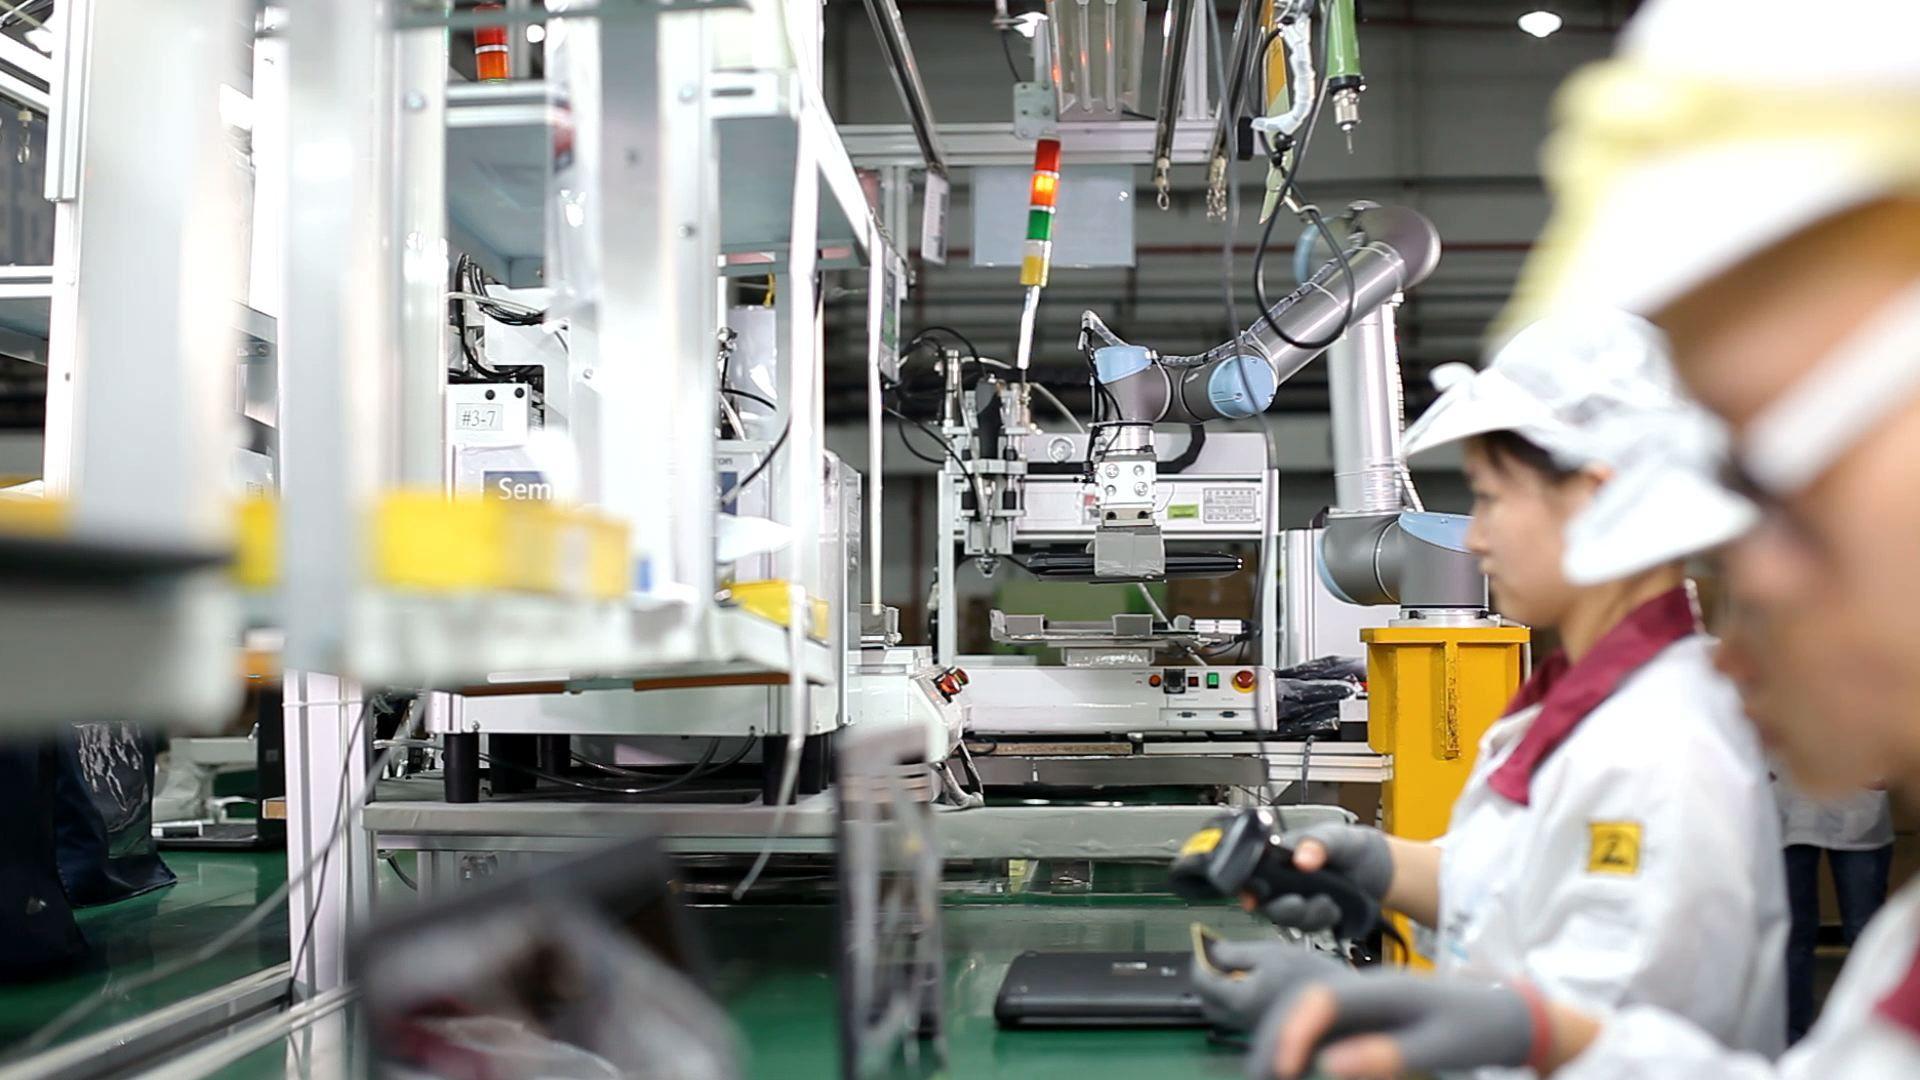 优傲 | 看人机协作,改变3C行业生产方式